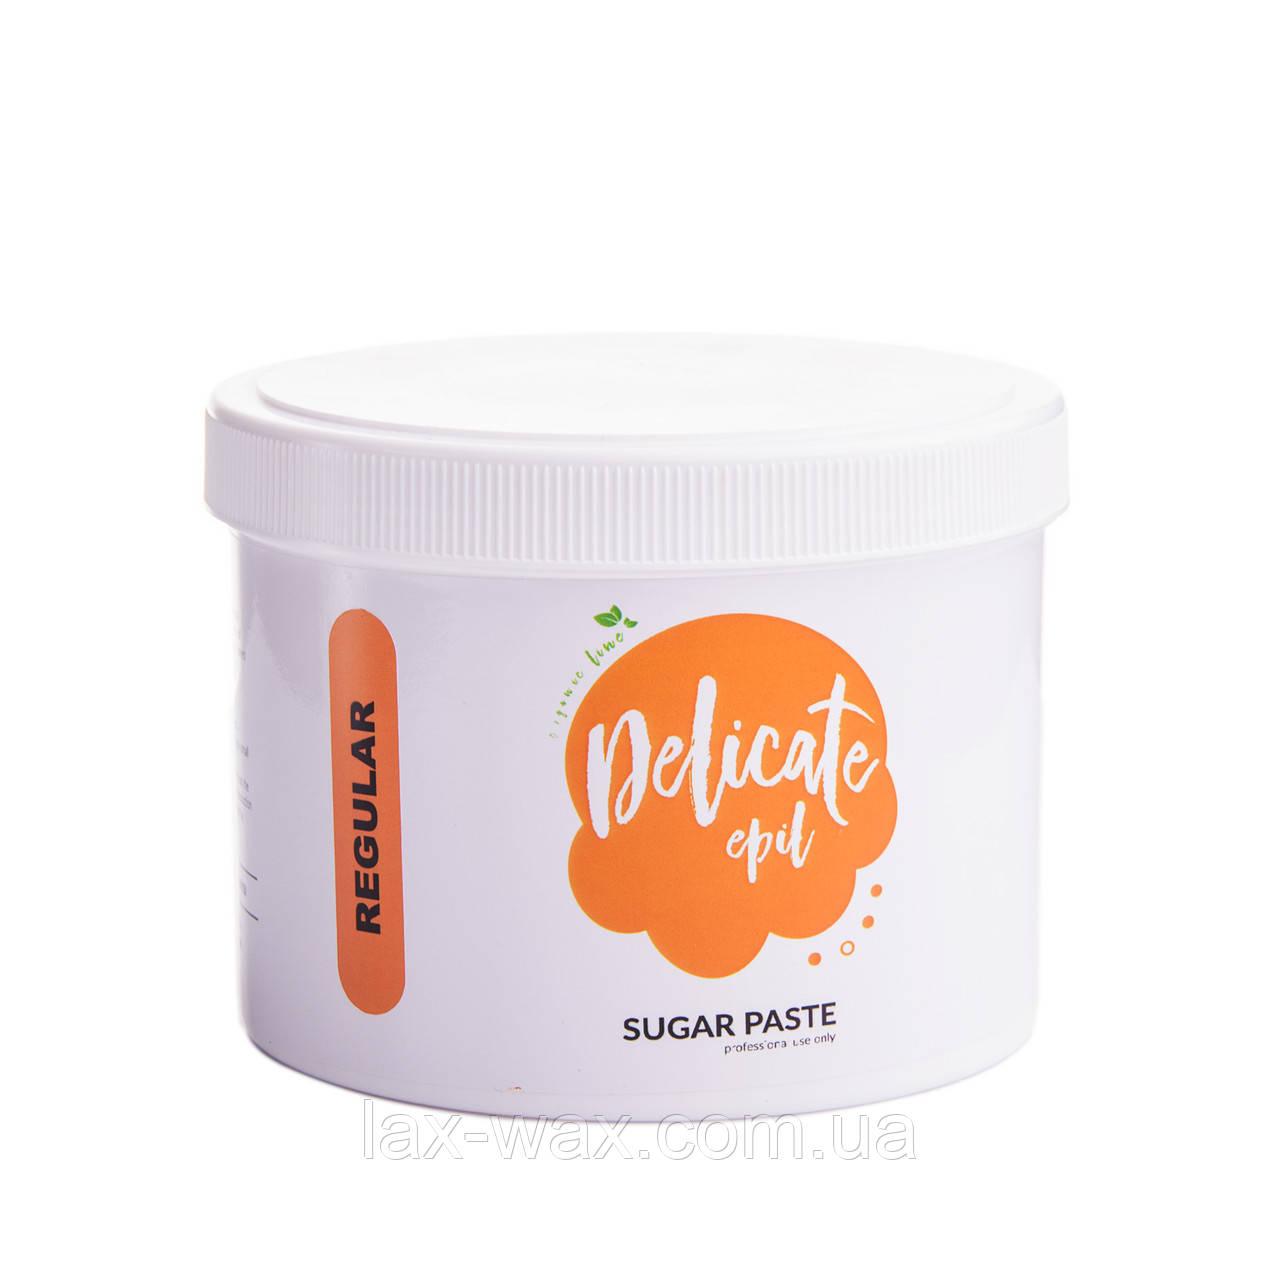 Сахарная паста для депиляции Delicate epil (REGULAR),720грамм